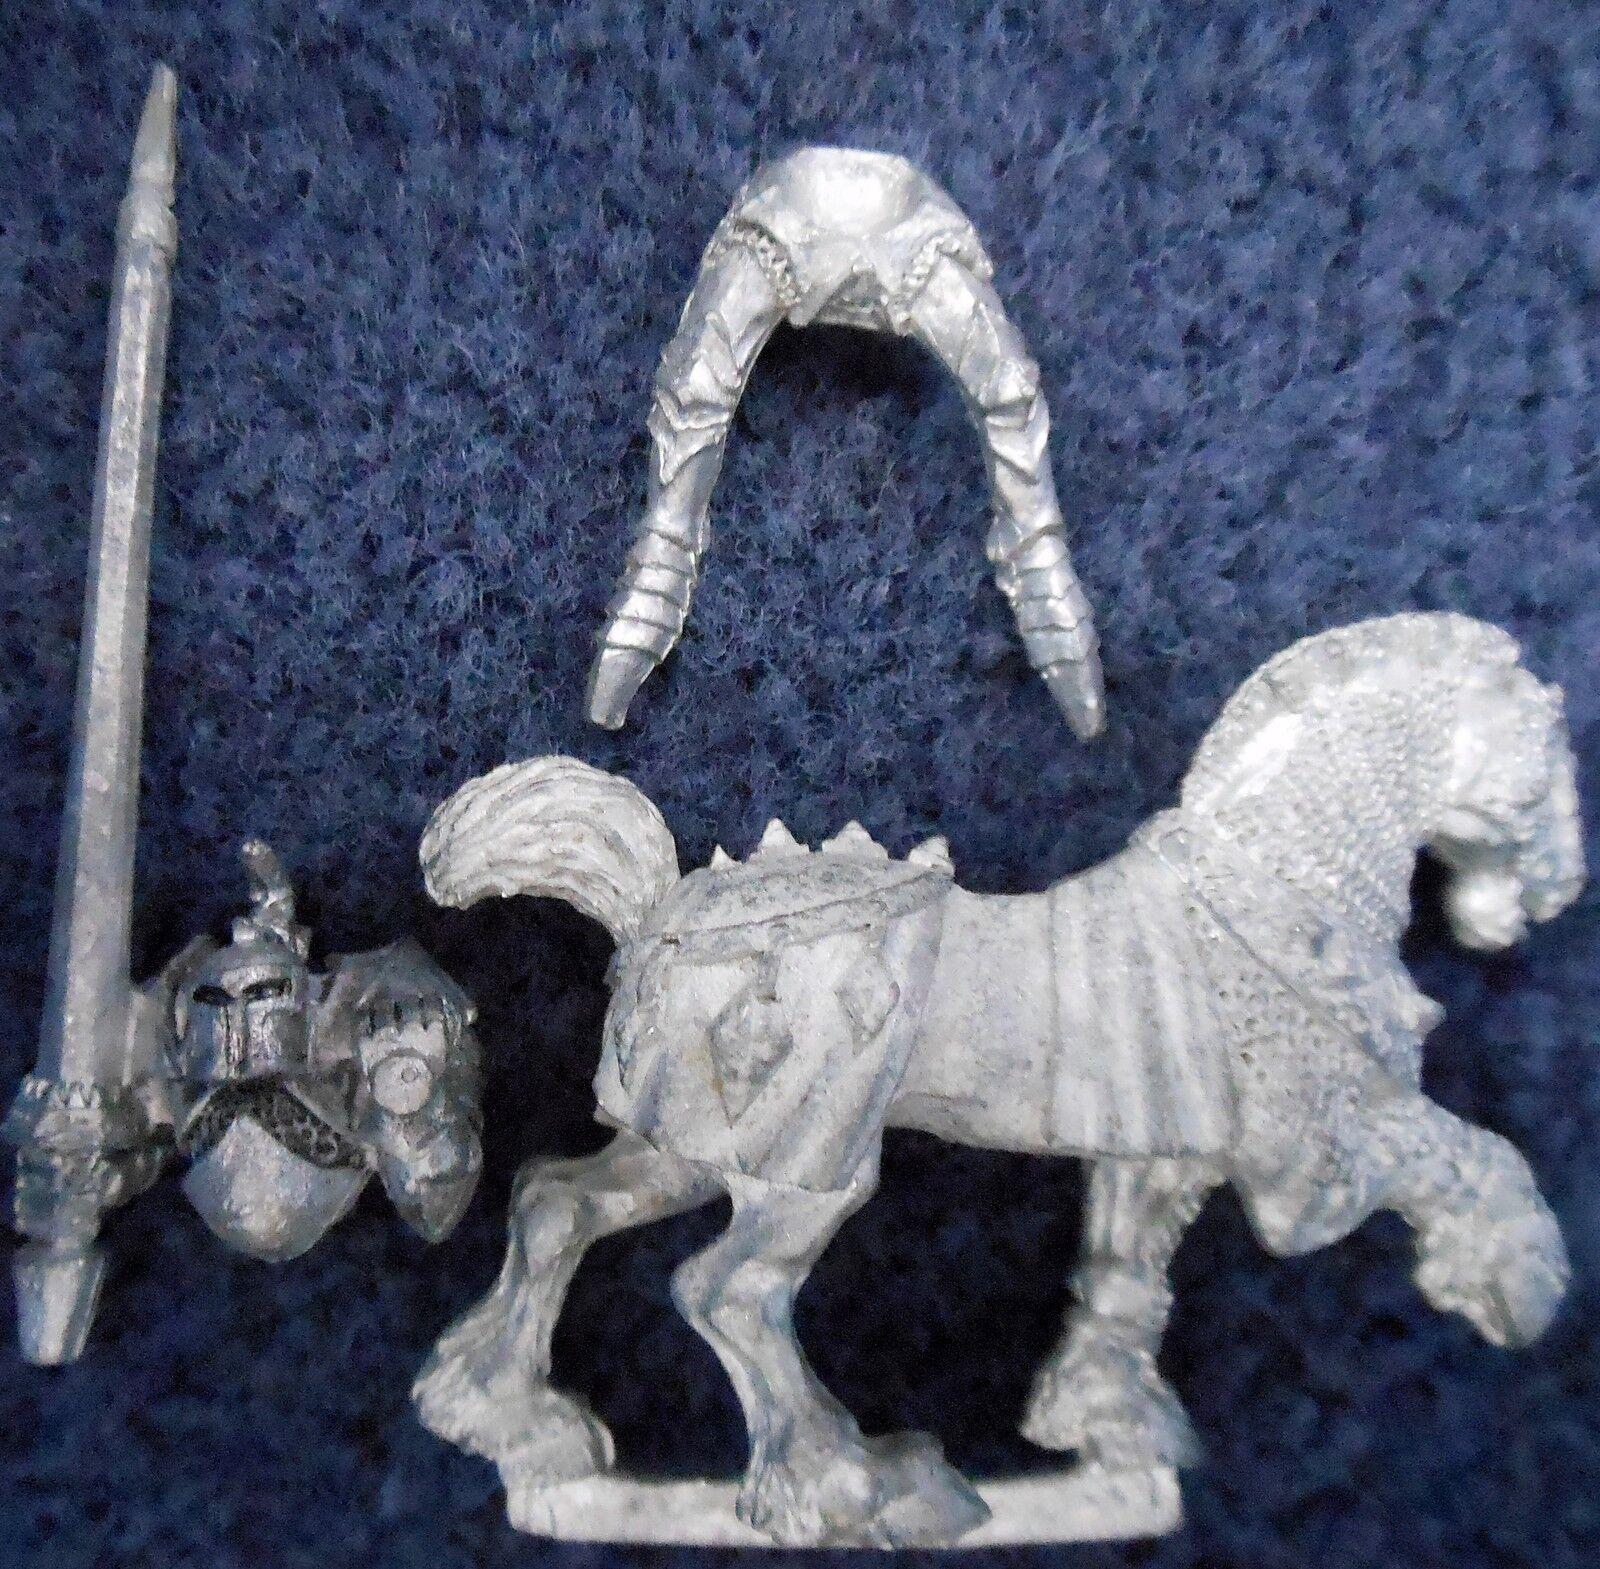 1988 Caos Caballero 0221 02 Juegos taller Warhammer army Reino de caballería Guerrero